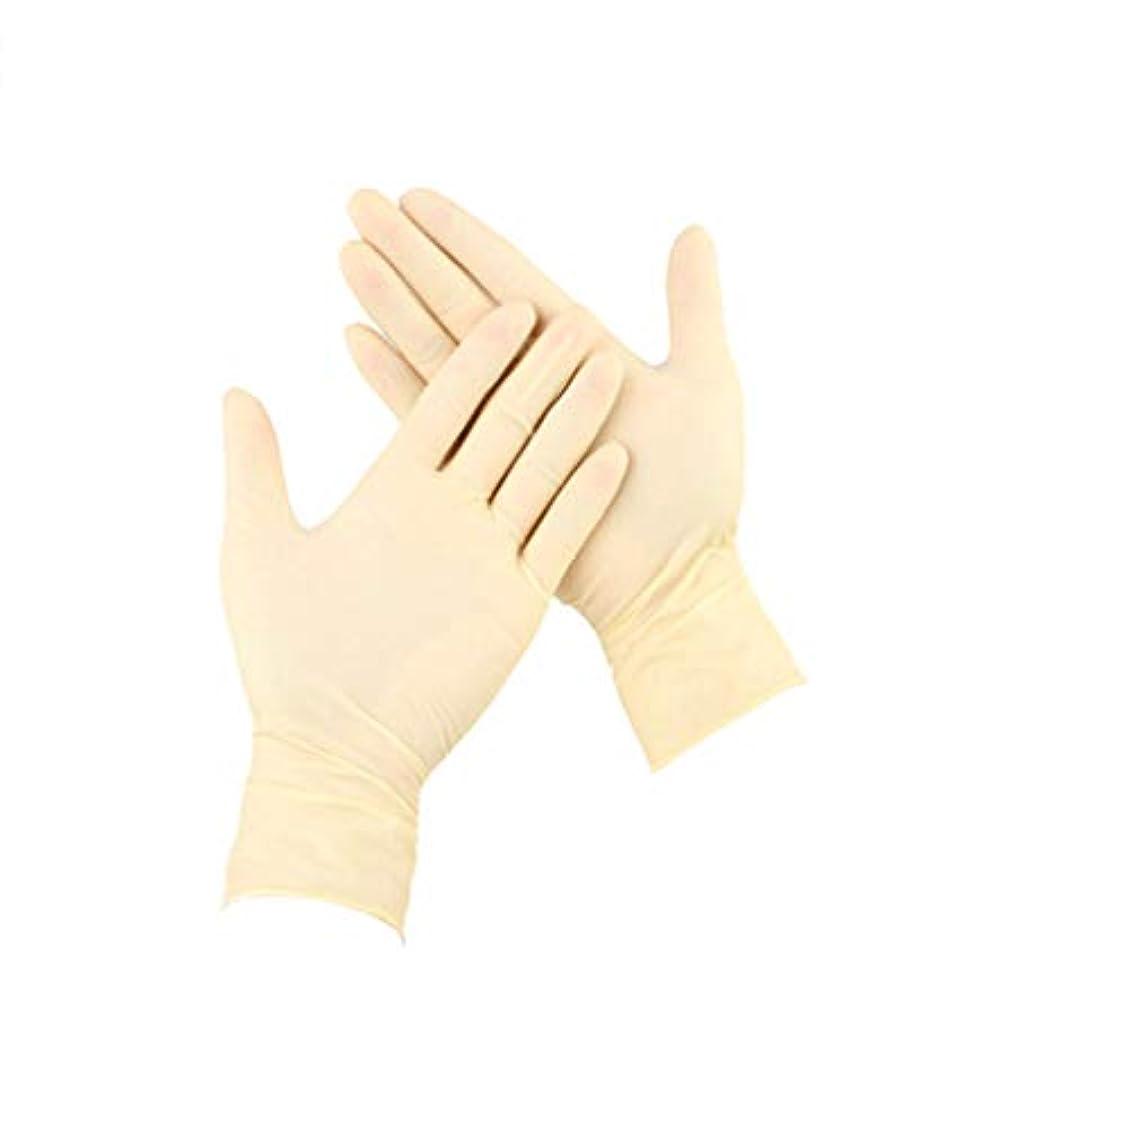 うま憧れミュージカルグローブ使い捨てラテックス手袋ゴム保護手袋は、静電気防止キッチンケータリングクリームイエローラテックス100個をチェックする (サイズ さいず : S s)